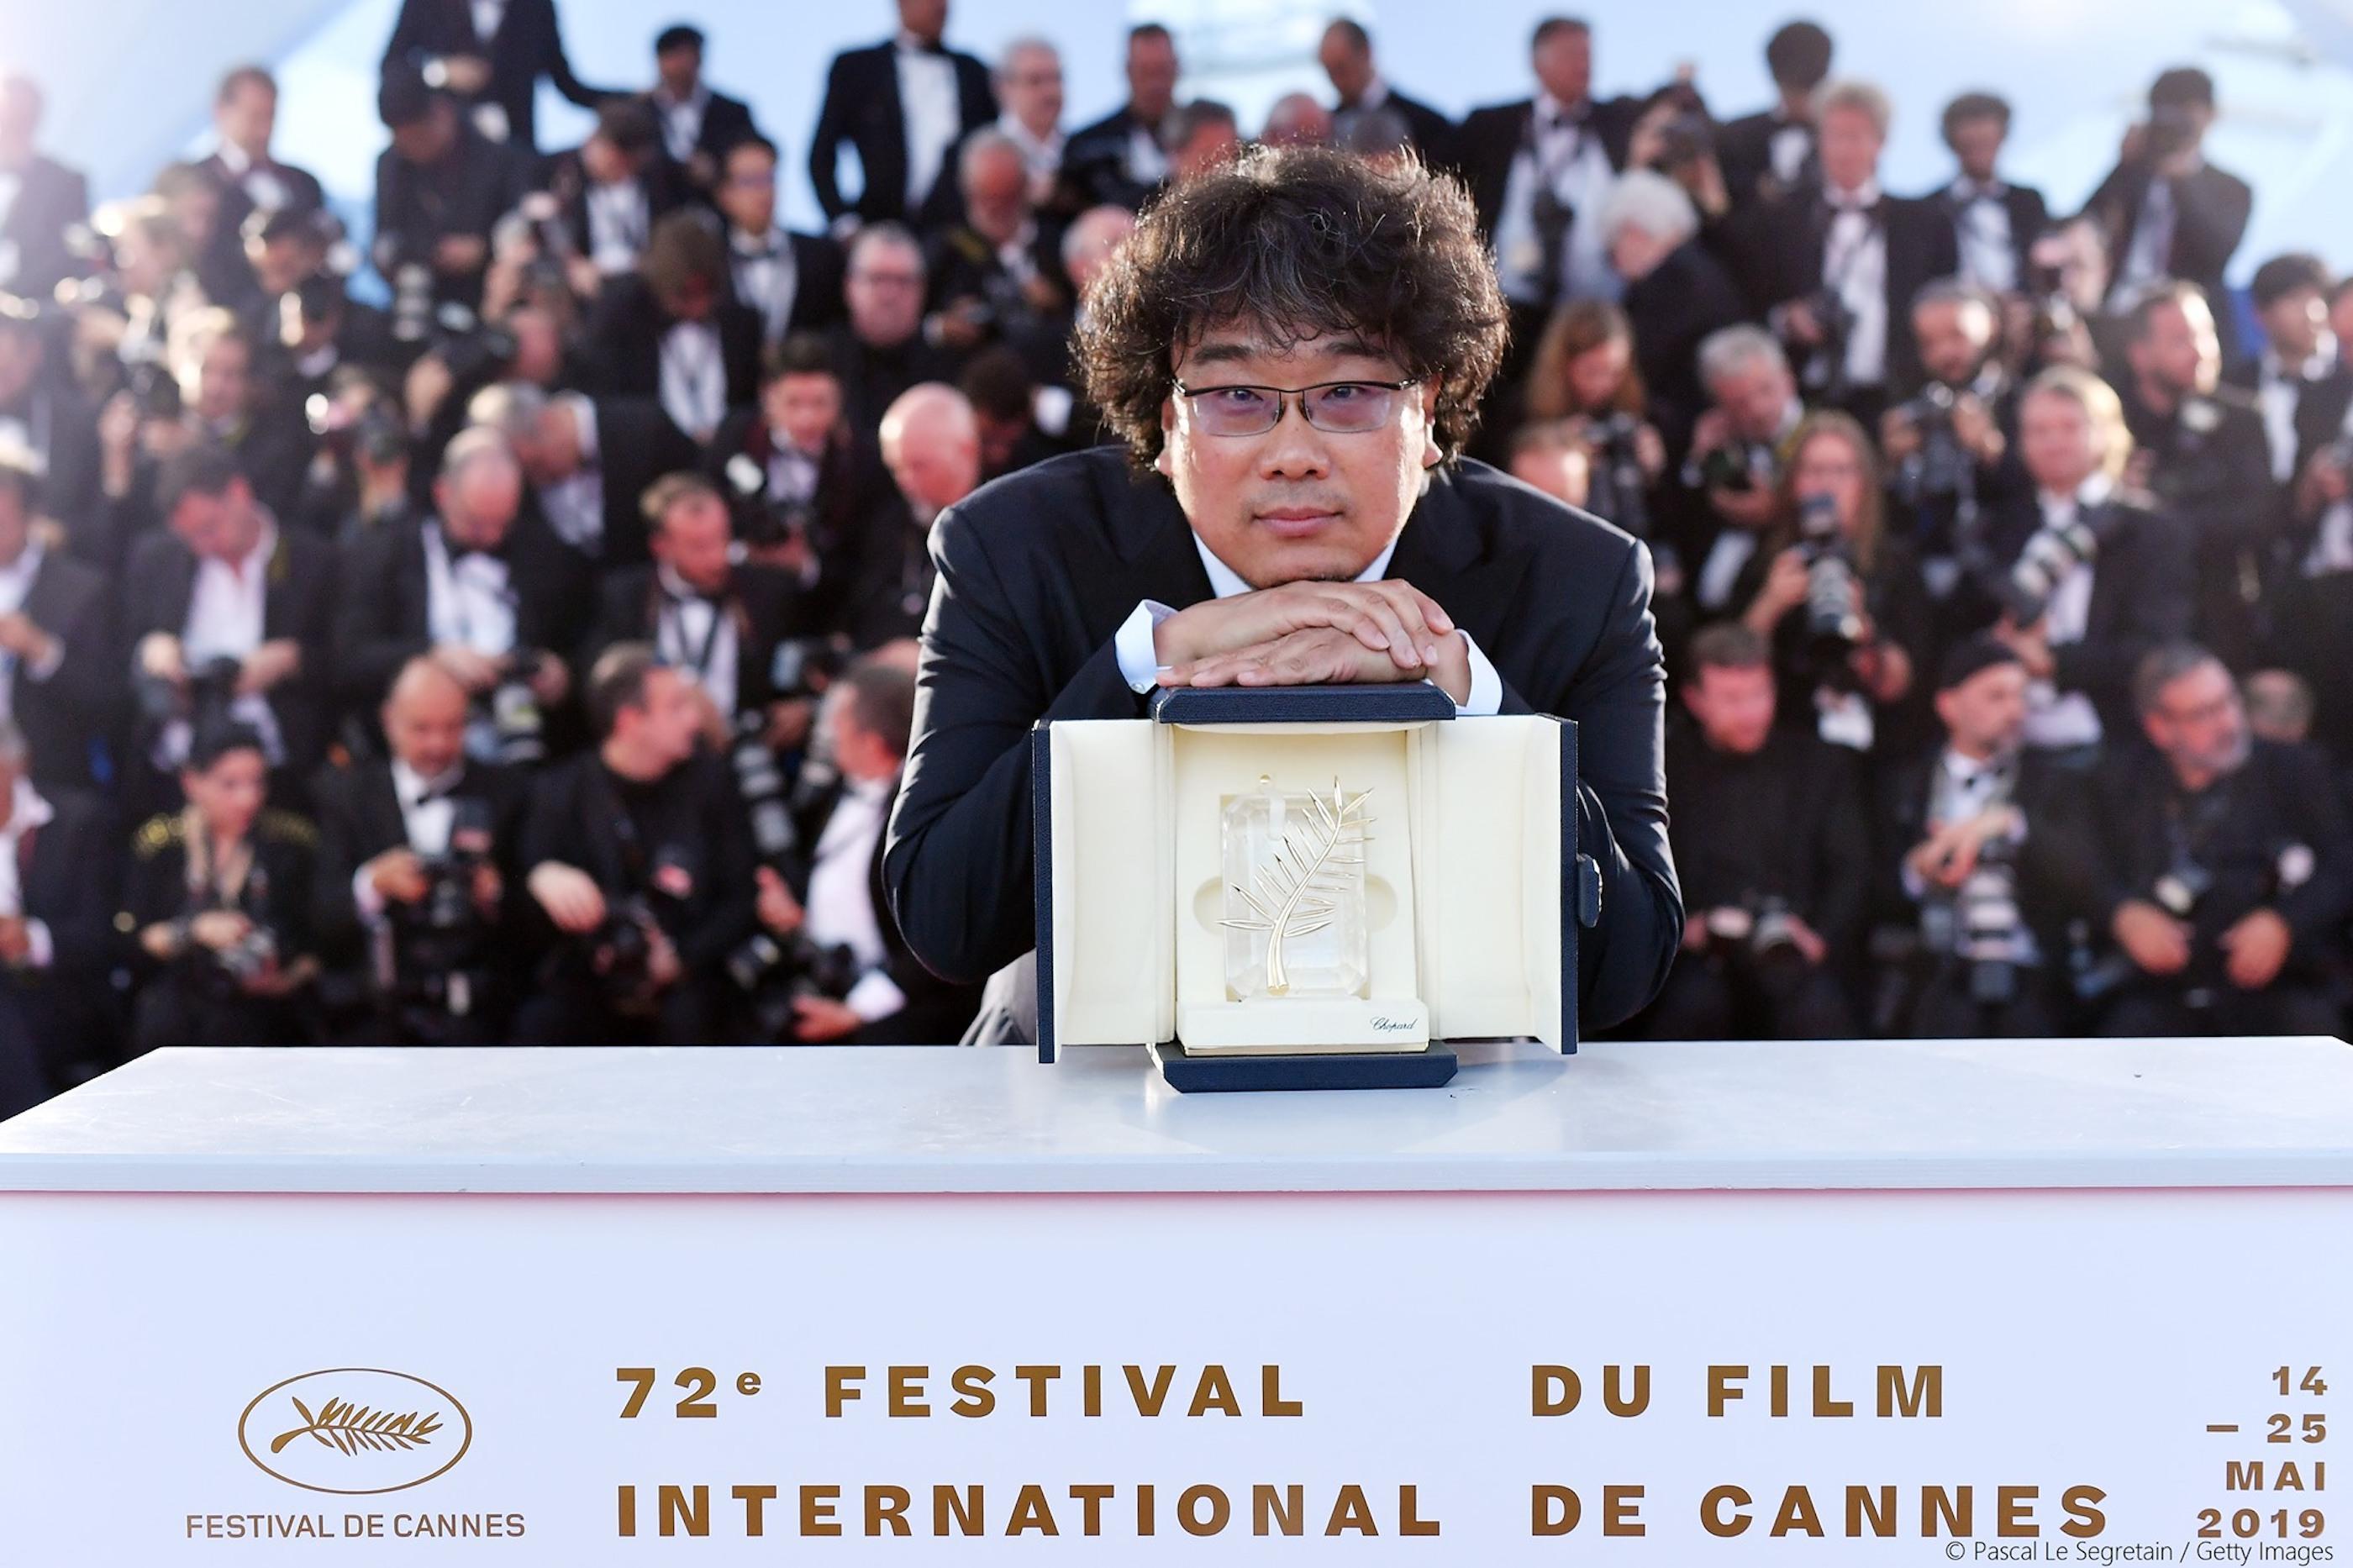 韓國影史第一 《寄生上流》勇奪坎城金棕櫚最高殊榮  導演奉俊昊:沒想過有天能摸到這座獎